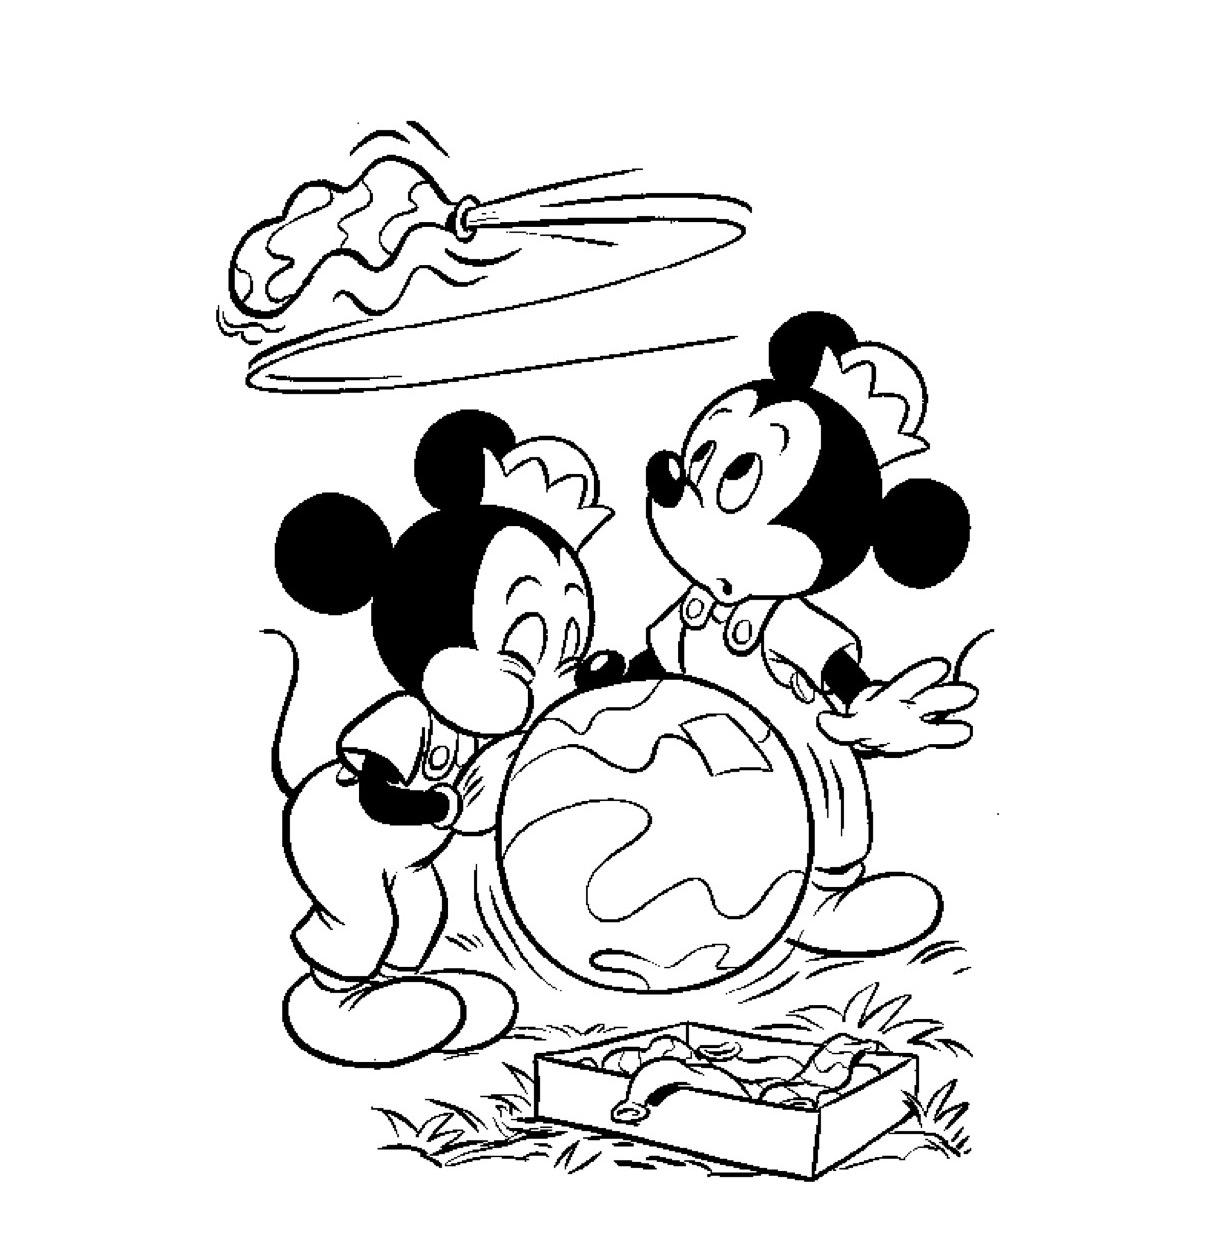 Minnie Mouse Kerst Kleurplaat Kleuren Nu Puk En Max Blazen Ballonnen Op Kleurplaten